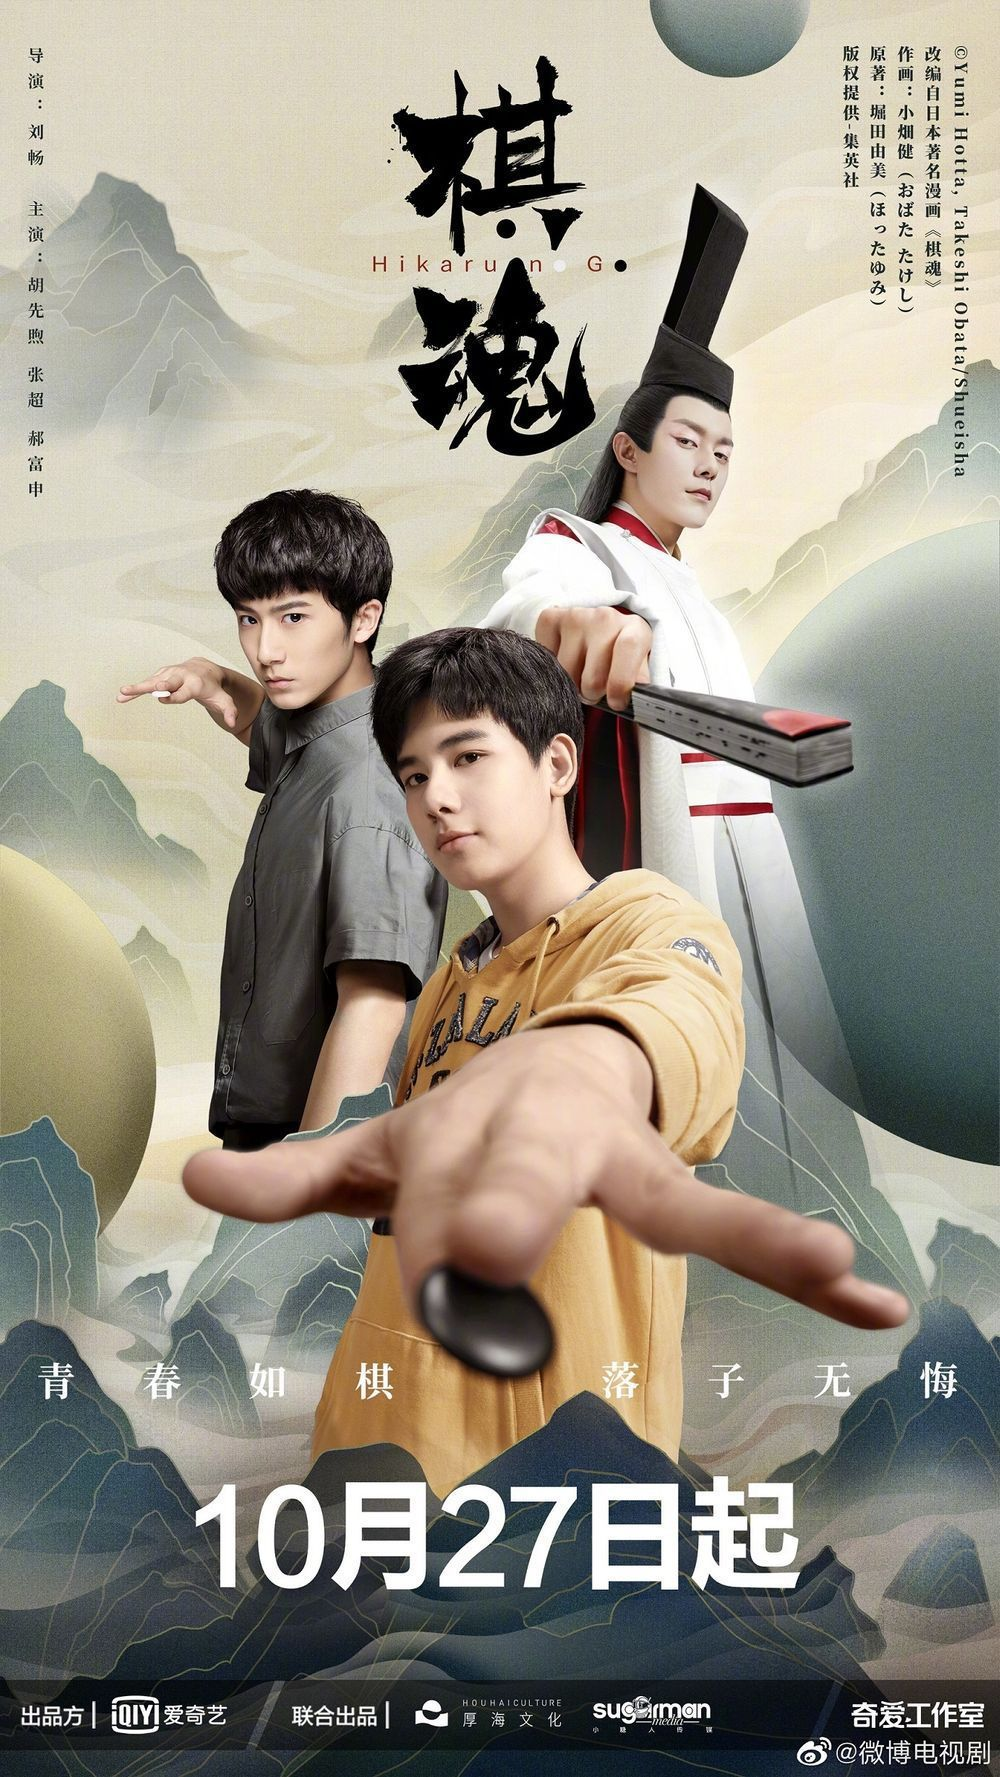 中國網劇《棋魂》宣傳海報